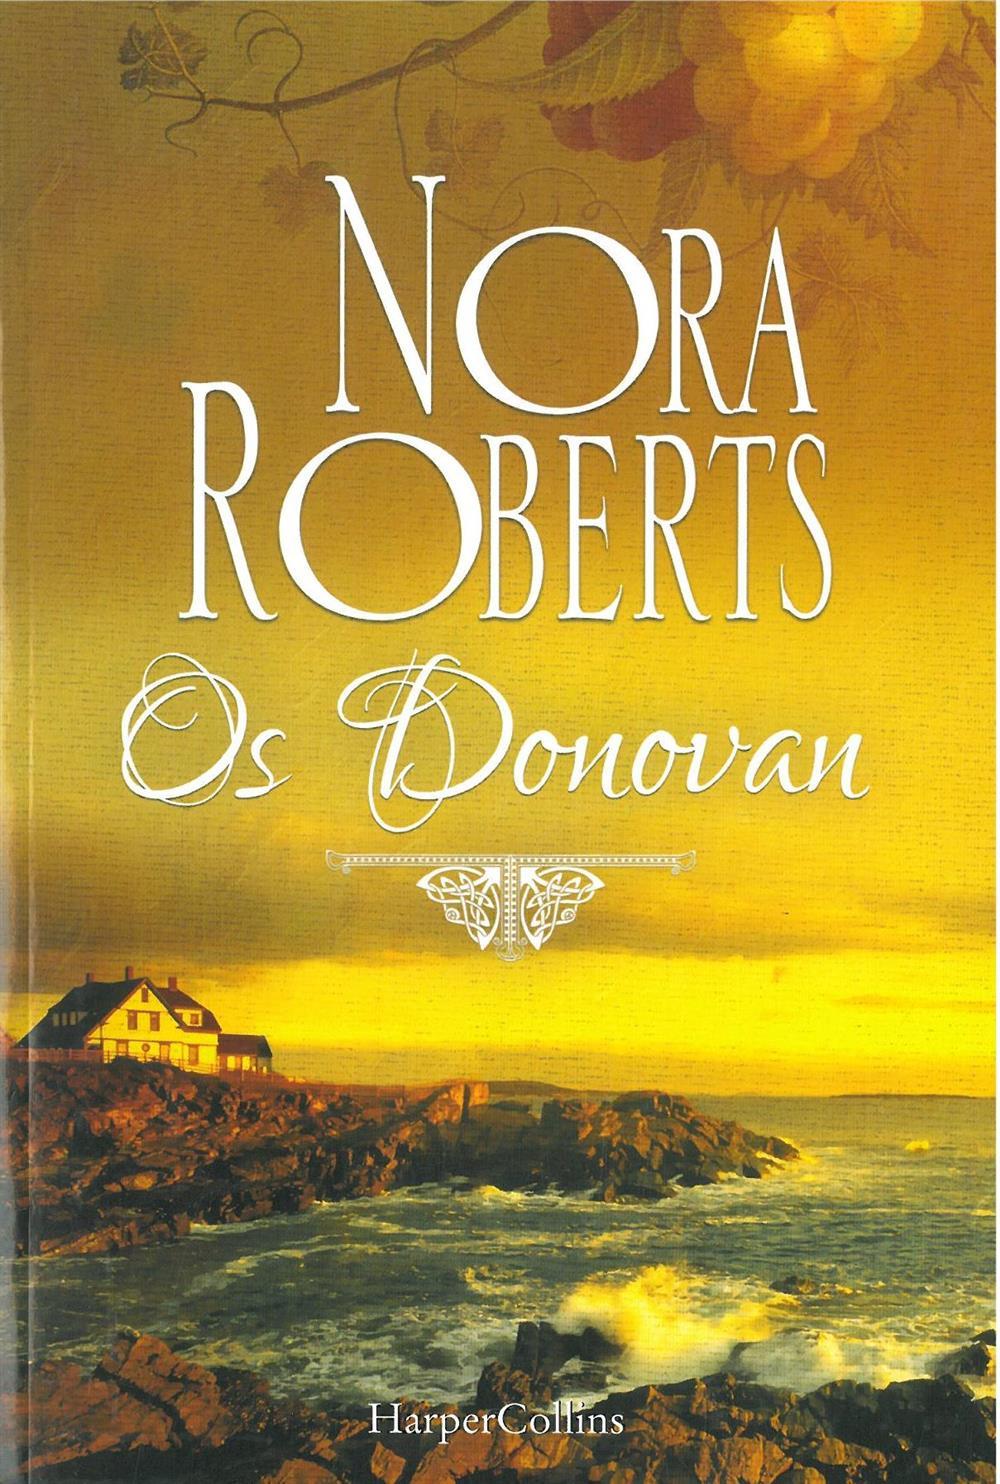 Os Donovan.jpg